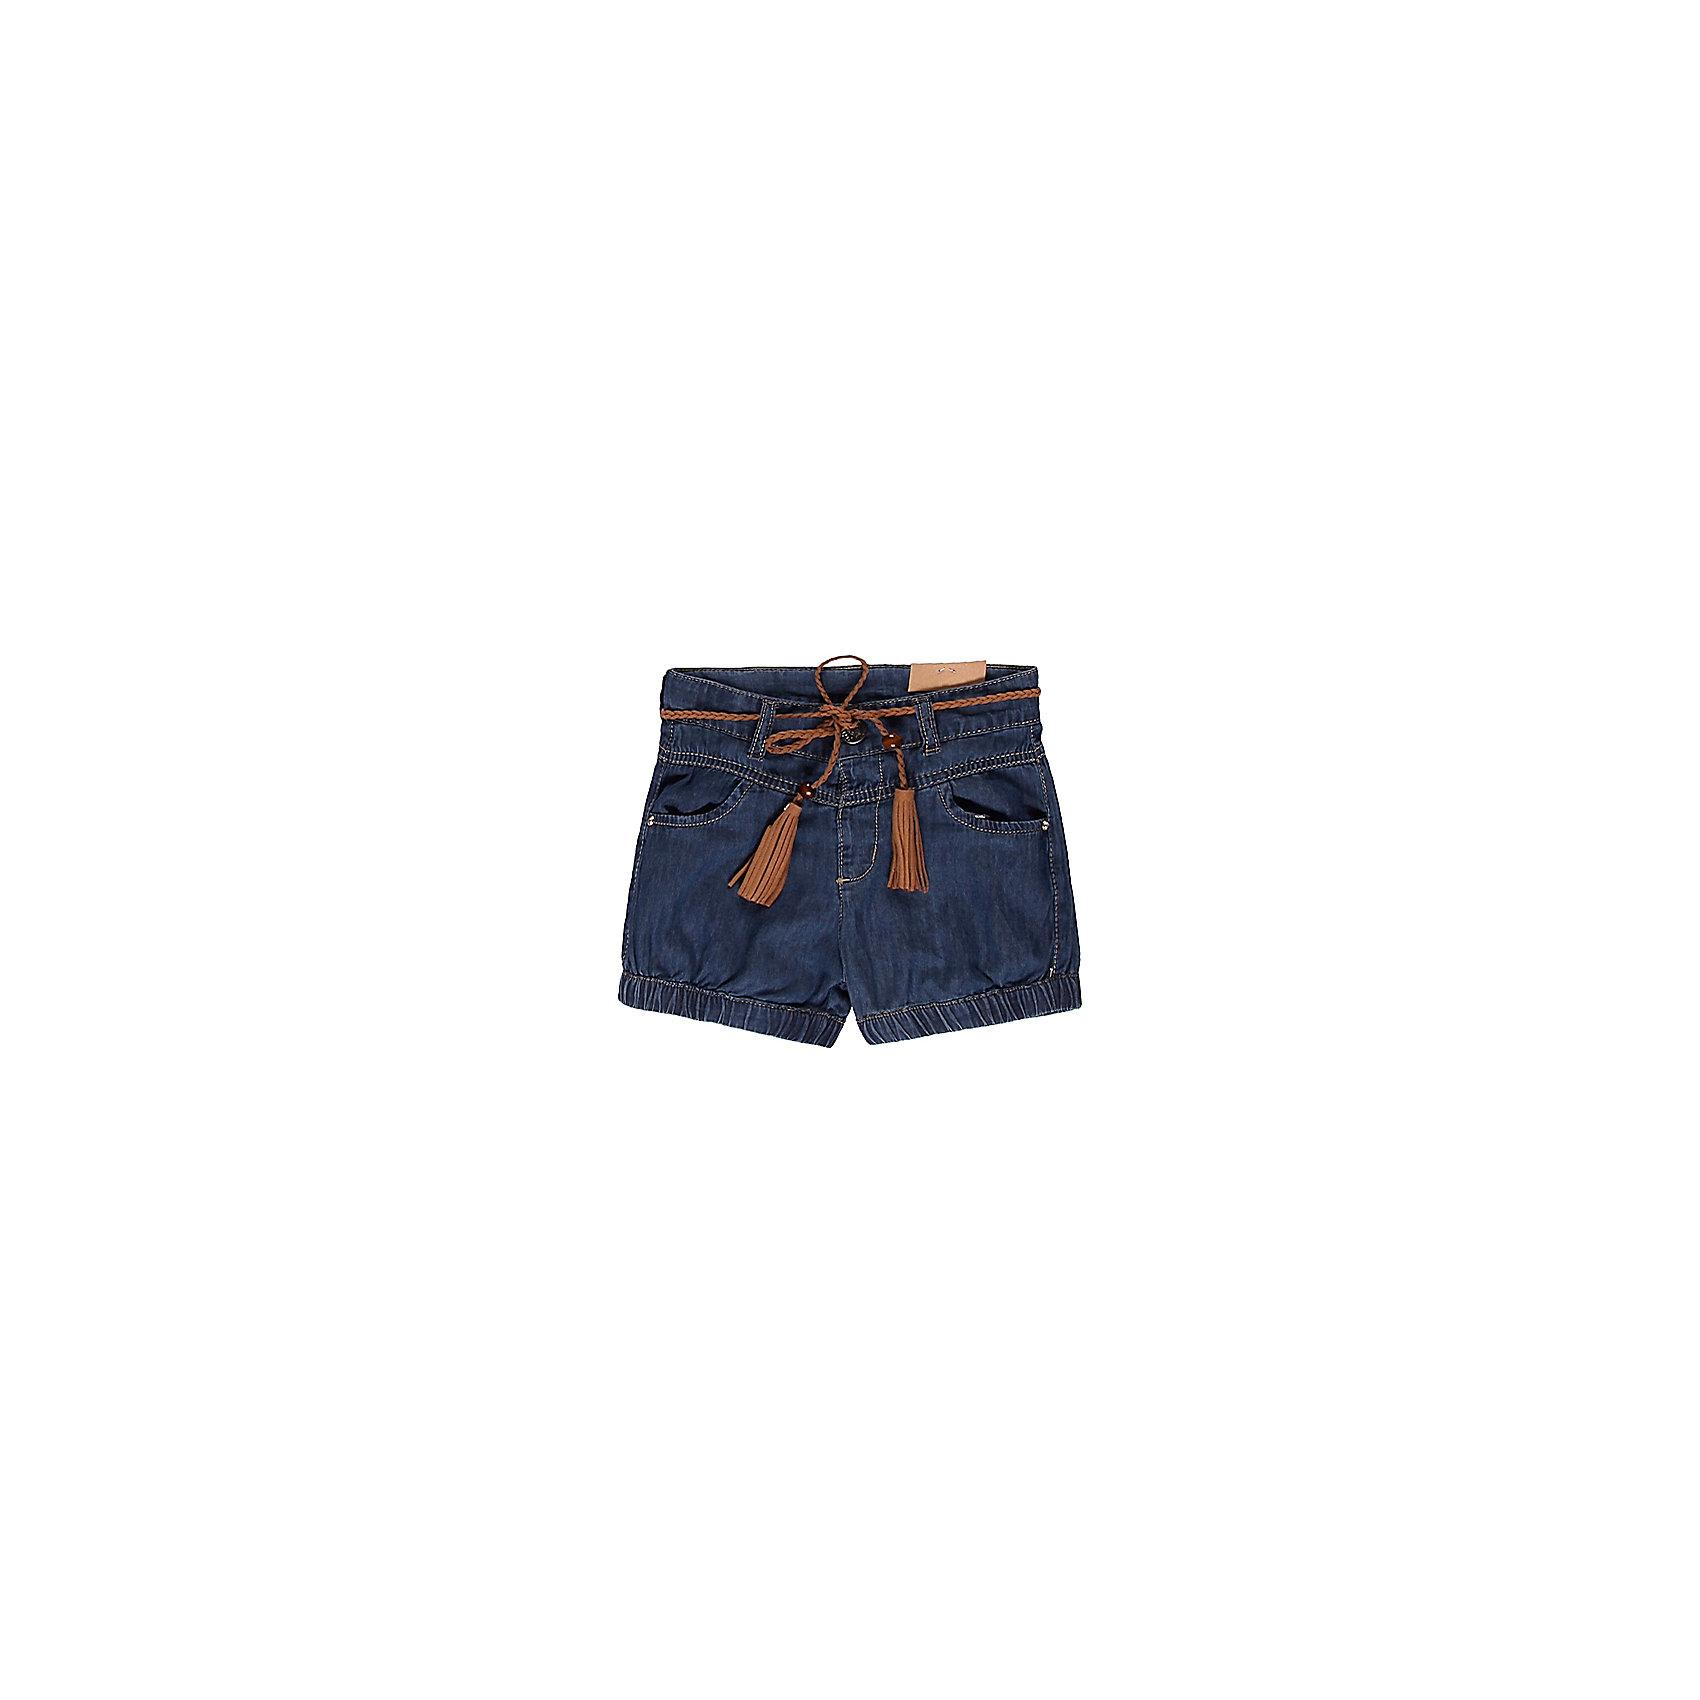 Шорты джинсовые для девочки Sweet BerryШорты и бриджи<br>Стильные темно-синие джинсовые шорты для девочки из 100% хлопка. На талии контрастный поясок с кисточками из замши.  Застежка выполнена в виде крючка. Имеются два врезных кармана.<br>Состав:<br>100% хлопок<br><br>Ширина мм: 191<br>Глубина мм: 10<br>Высота мм: 175<br>Вес г: 273<br>Цвет: синий<br>Возраст от месяцев: 24<br>Возраст до месяцев: 36<br>Пол: Женский<br>Возраст: Детский<br>Размер: 98,80,92,86<br>SKU: 4520430